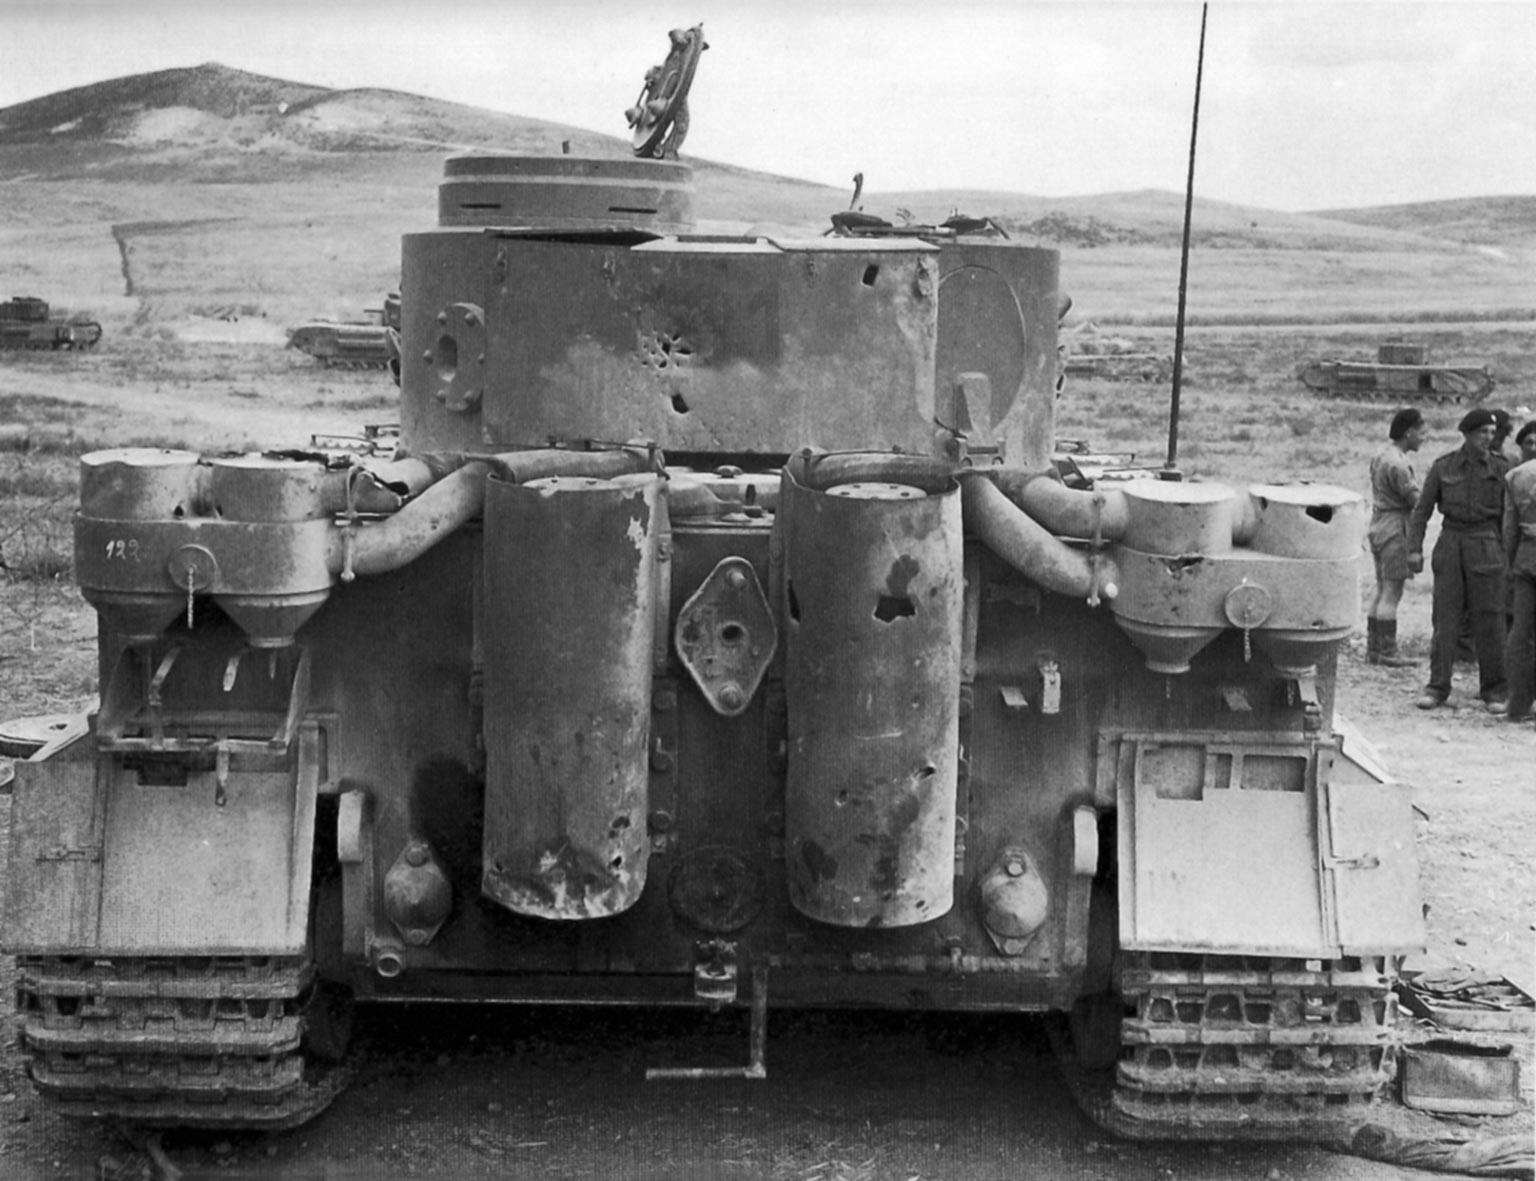 Tiger 131 sPzAbt 504 after capture